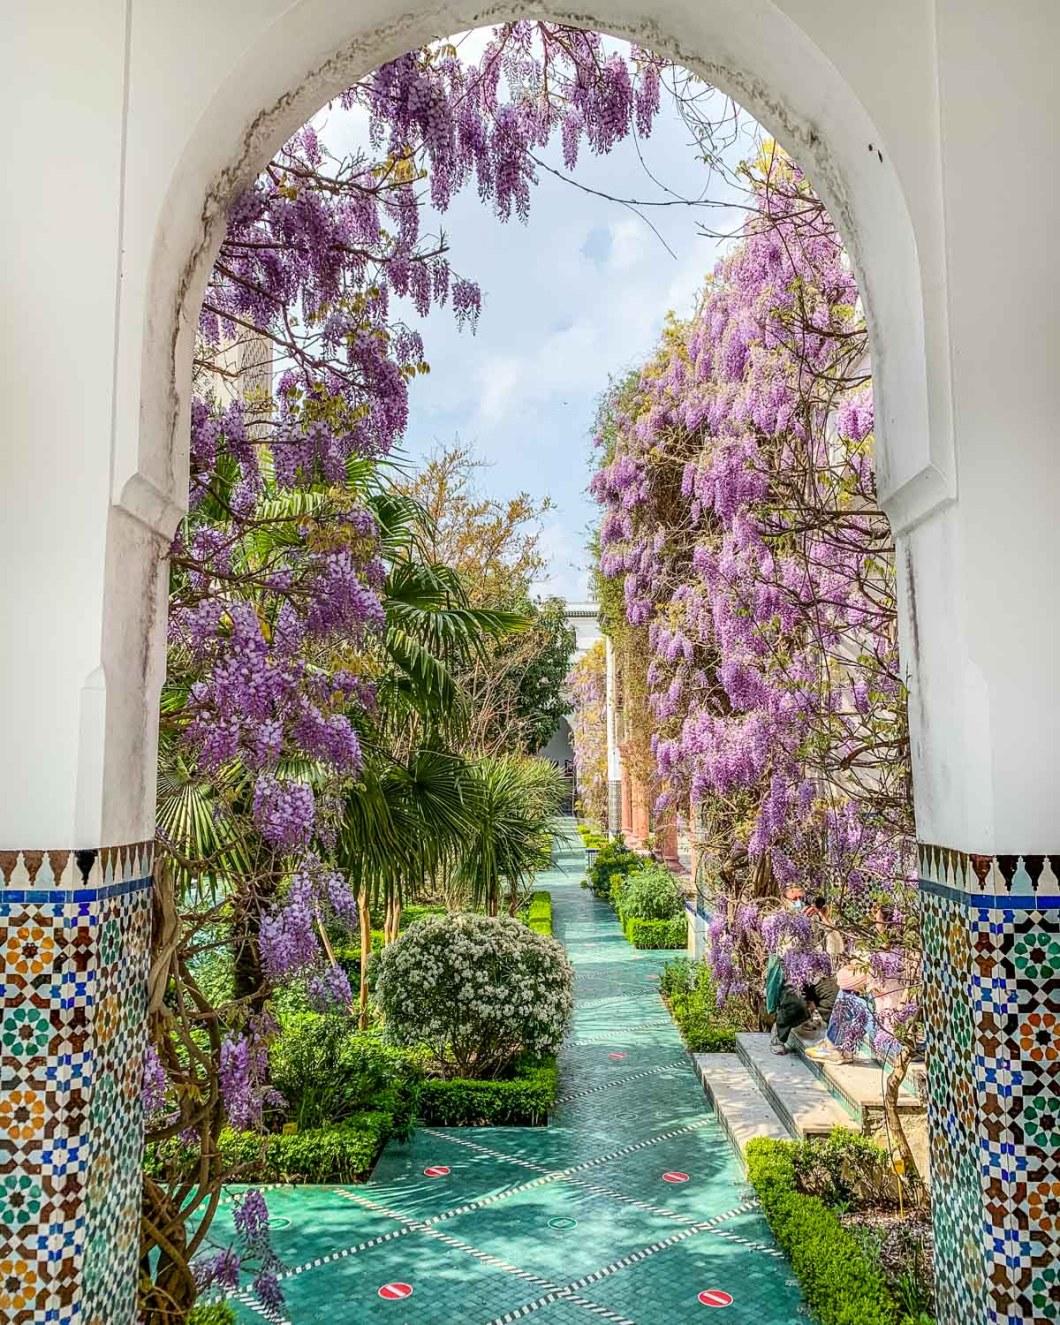 Wisteria in bloom in the garden of the Grande Mosquée de Paris